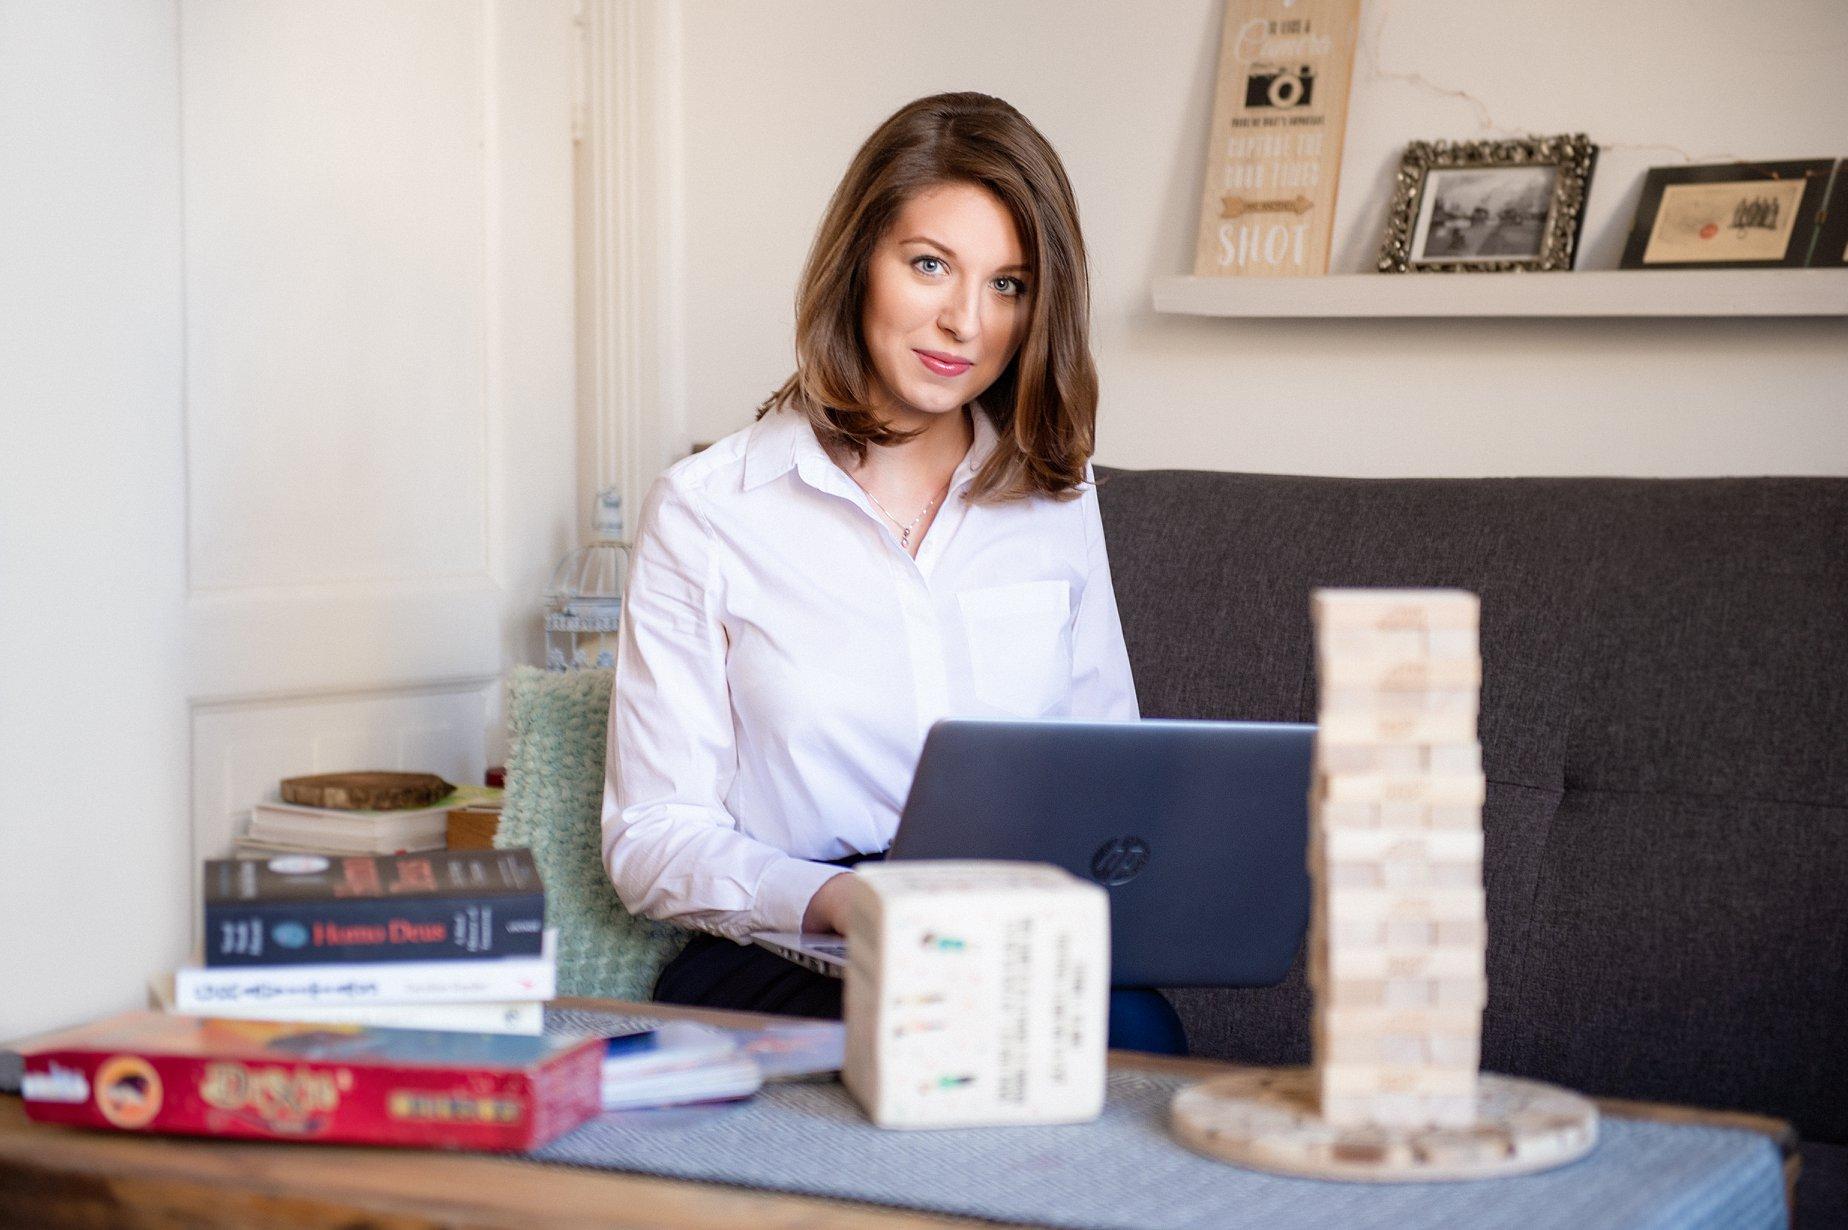 Interviu cu Mădălina Hodorog despre programul FUTURE și educația non-formală